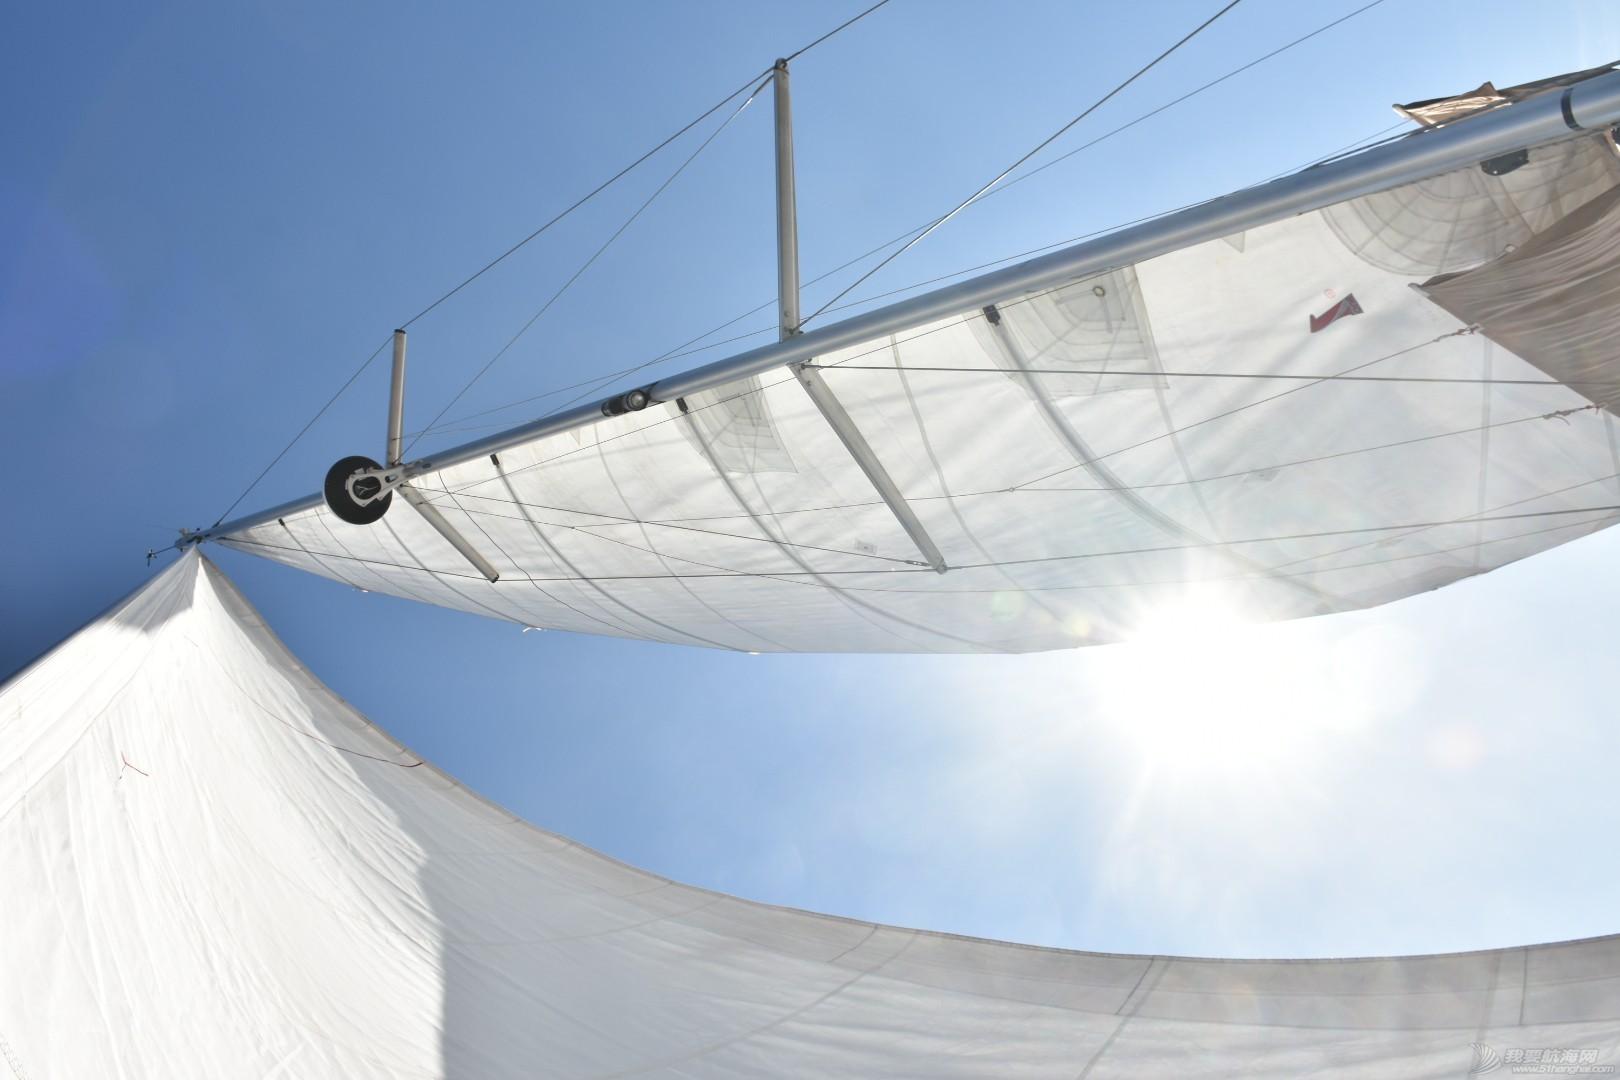 舟山,amp,度假,帆船,体验 周末度假新方式,舟山大帆船跳岛航海游  155258poa29wqcca2q5fdo